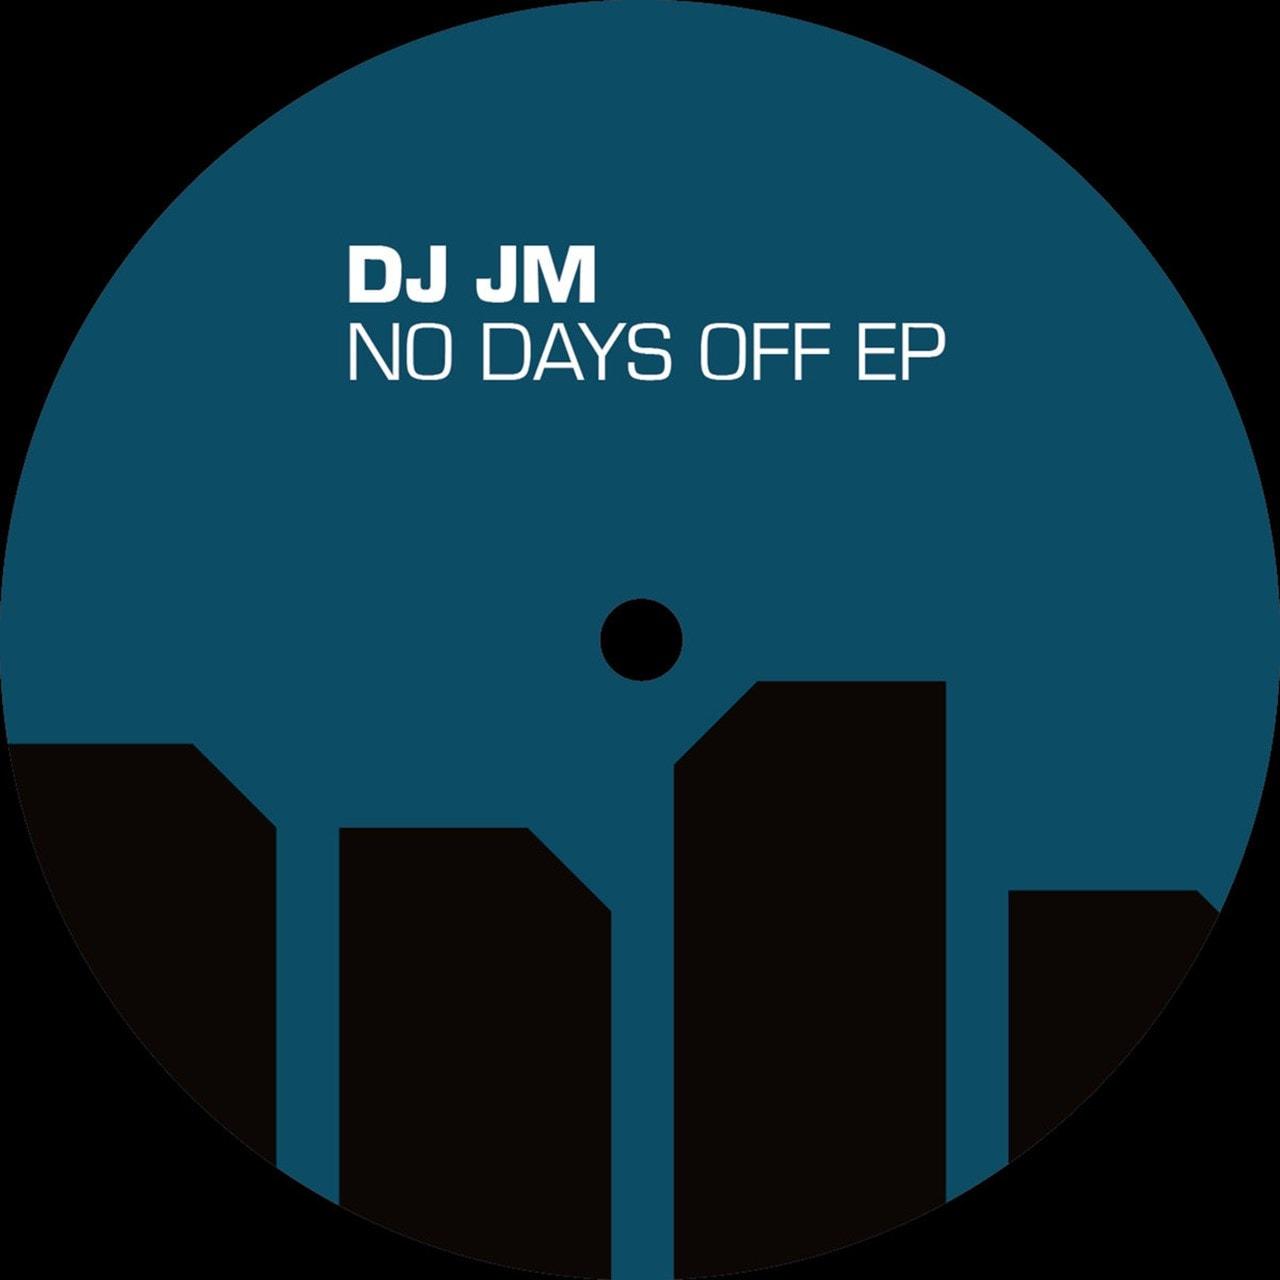 No Days Off - 1